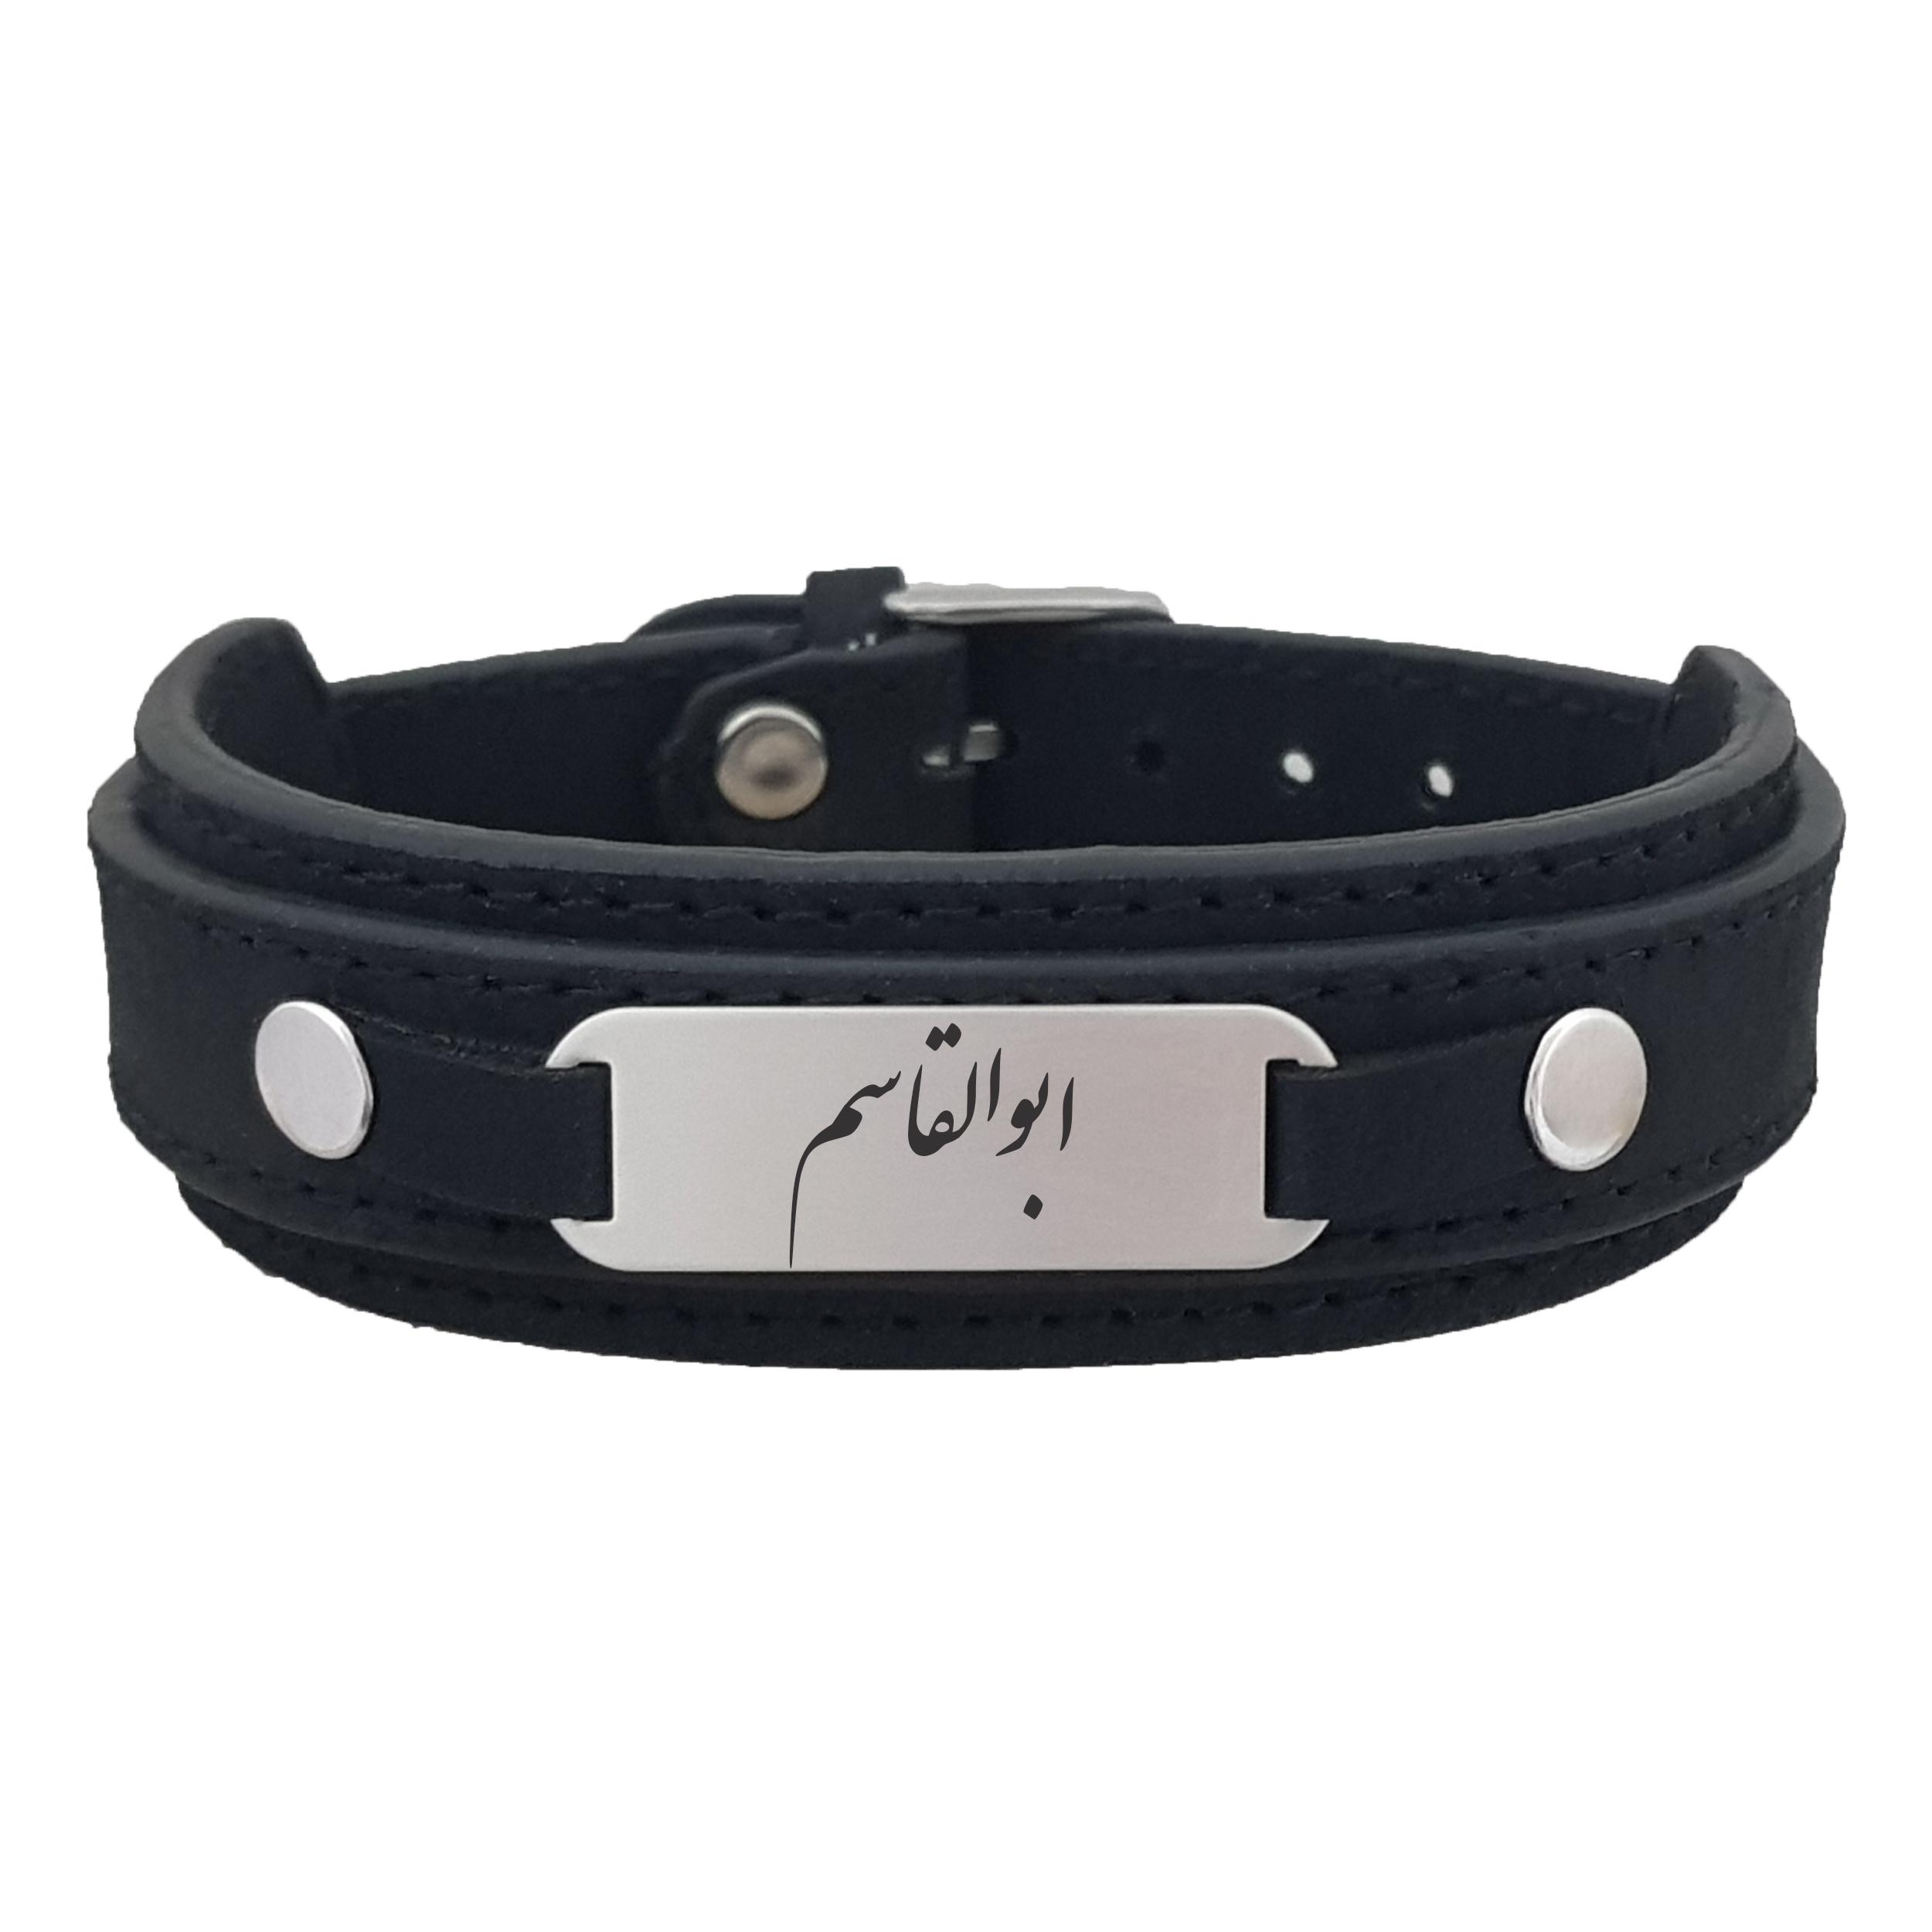 دستبند نقره مردانه ترمه ۱ مدلابوالقاسم کد Dcsf0184